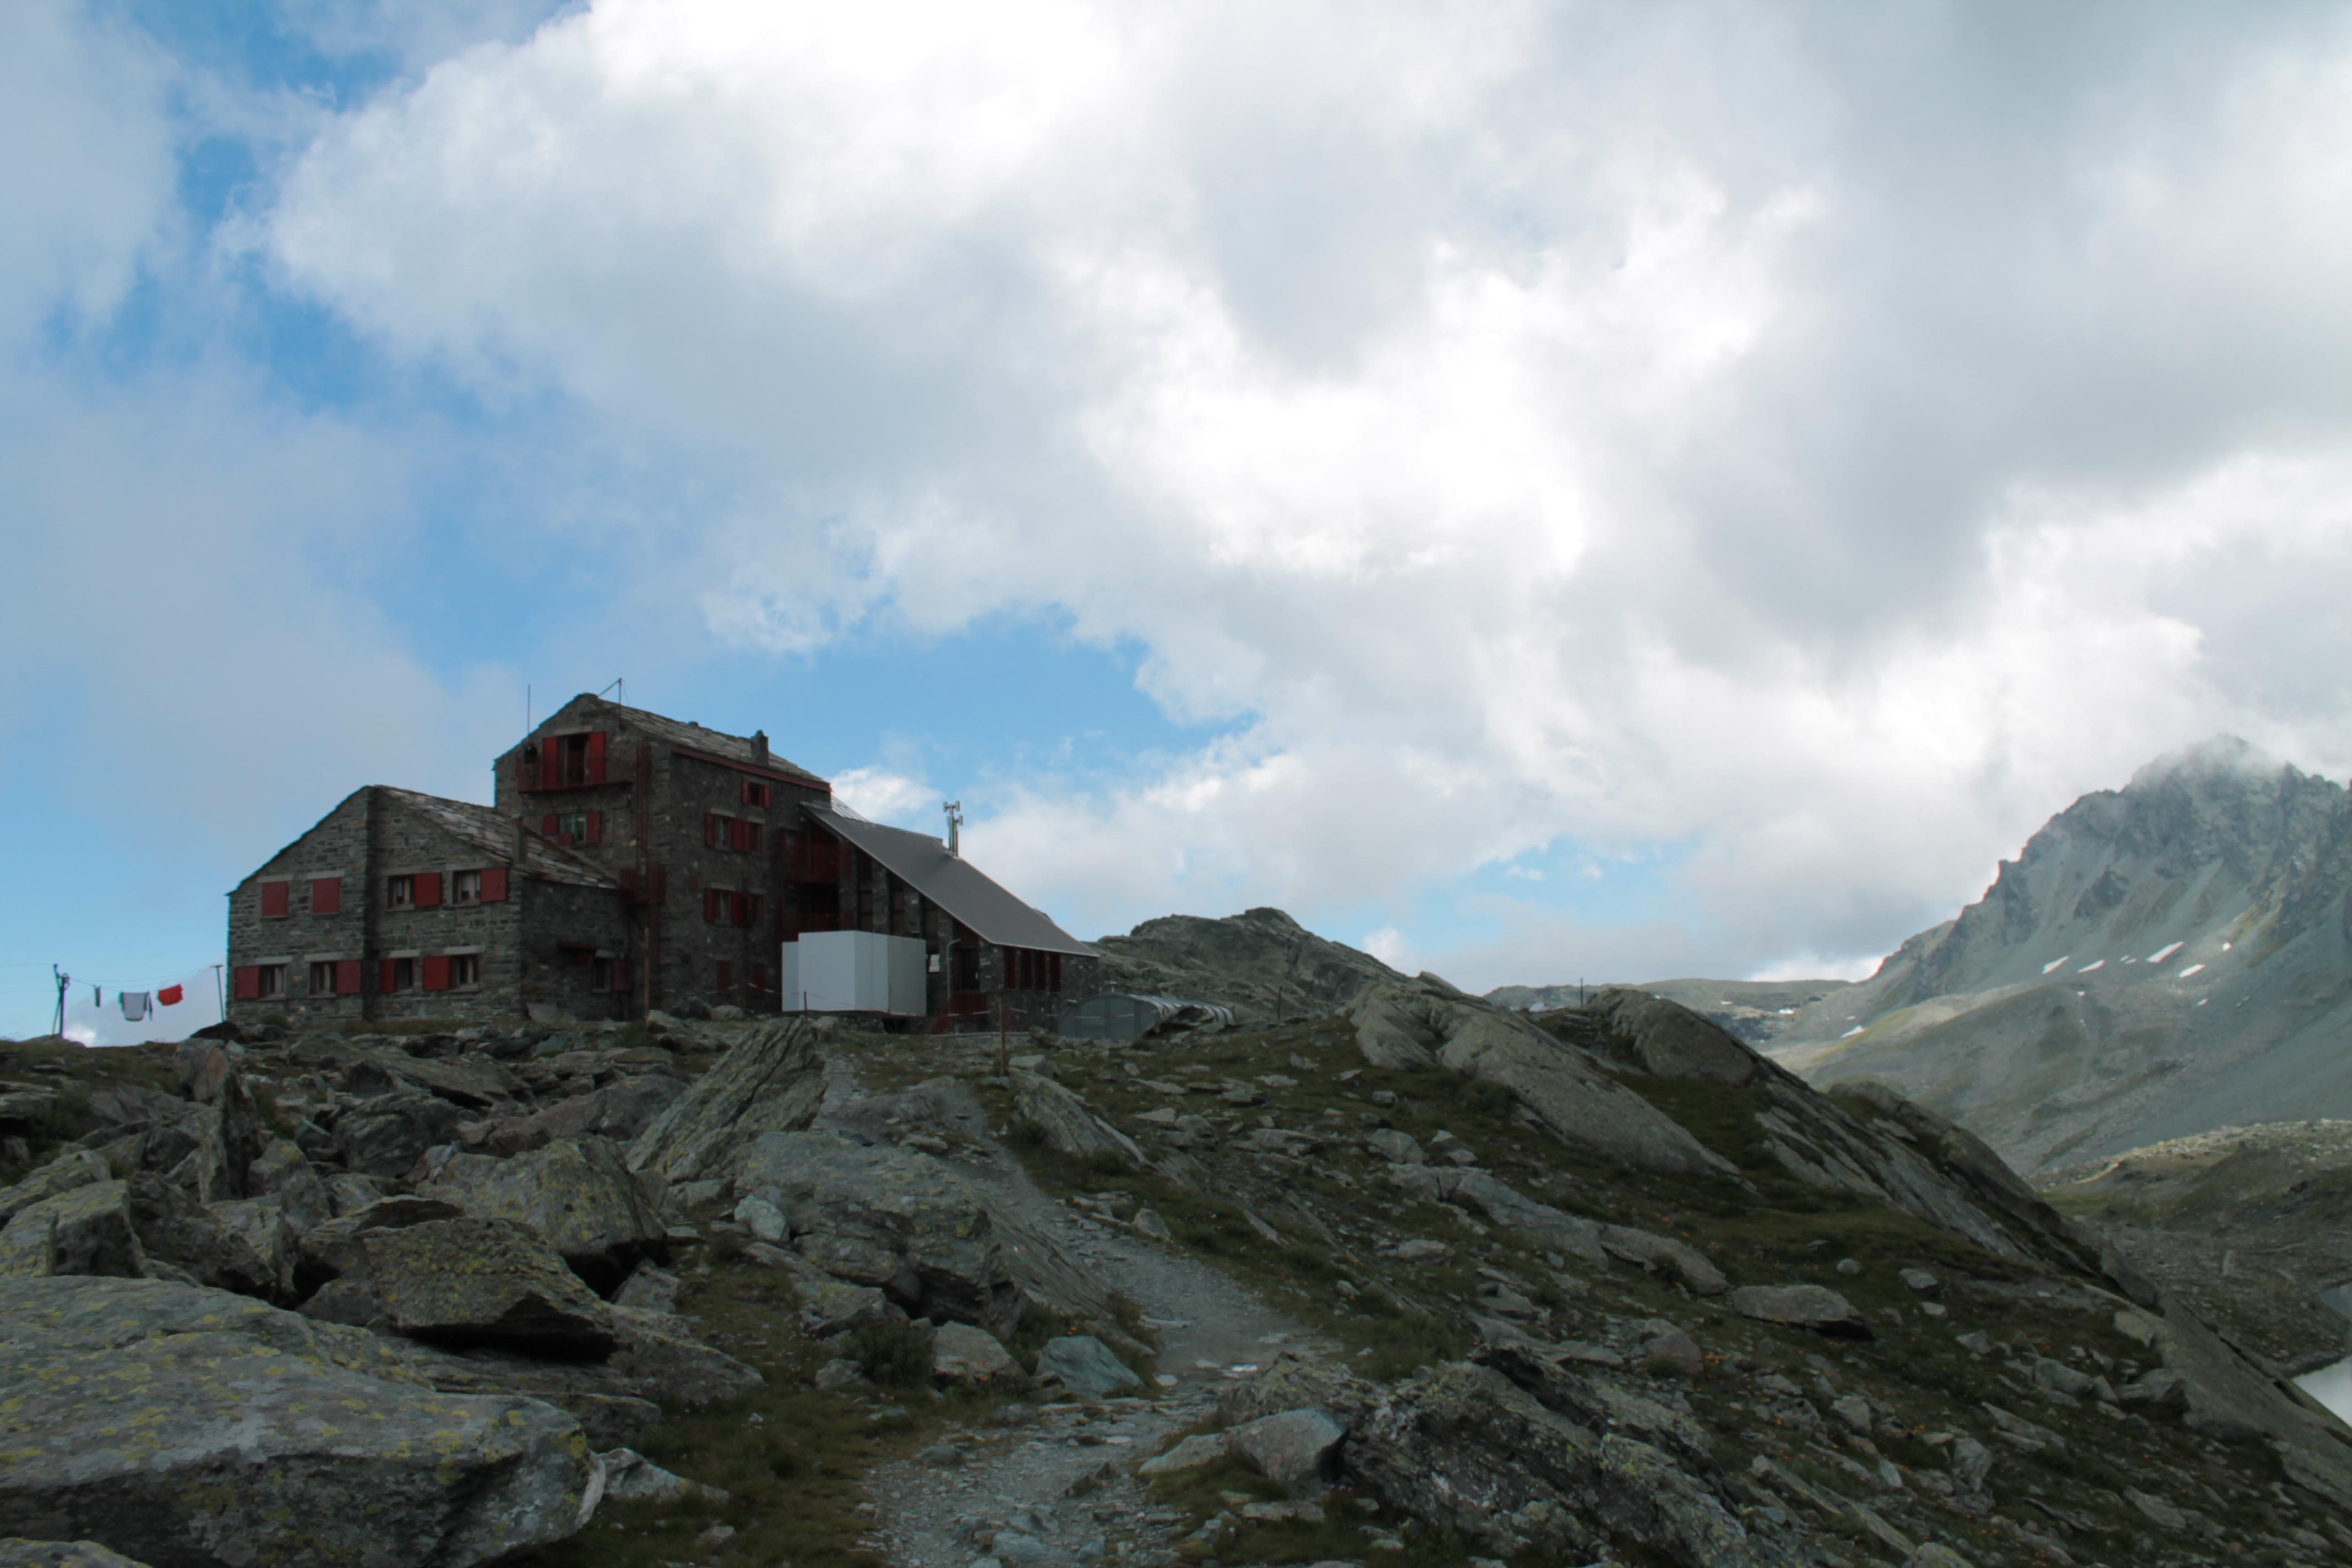 Rifugio Quintino Sella Monviso File:rifugio Quintino Sella al